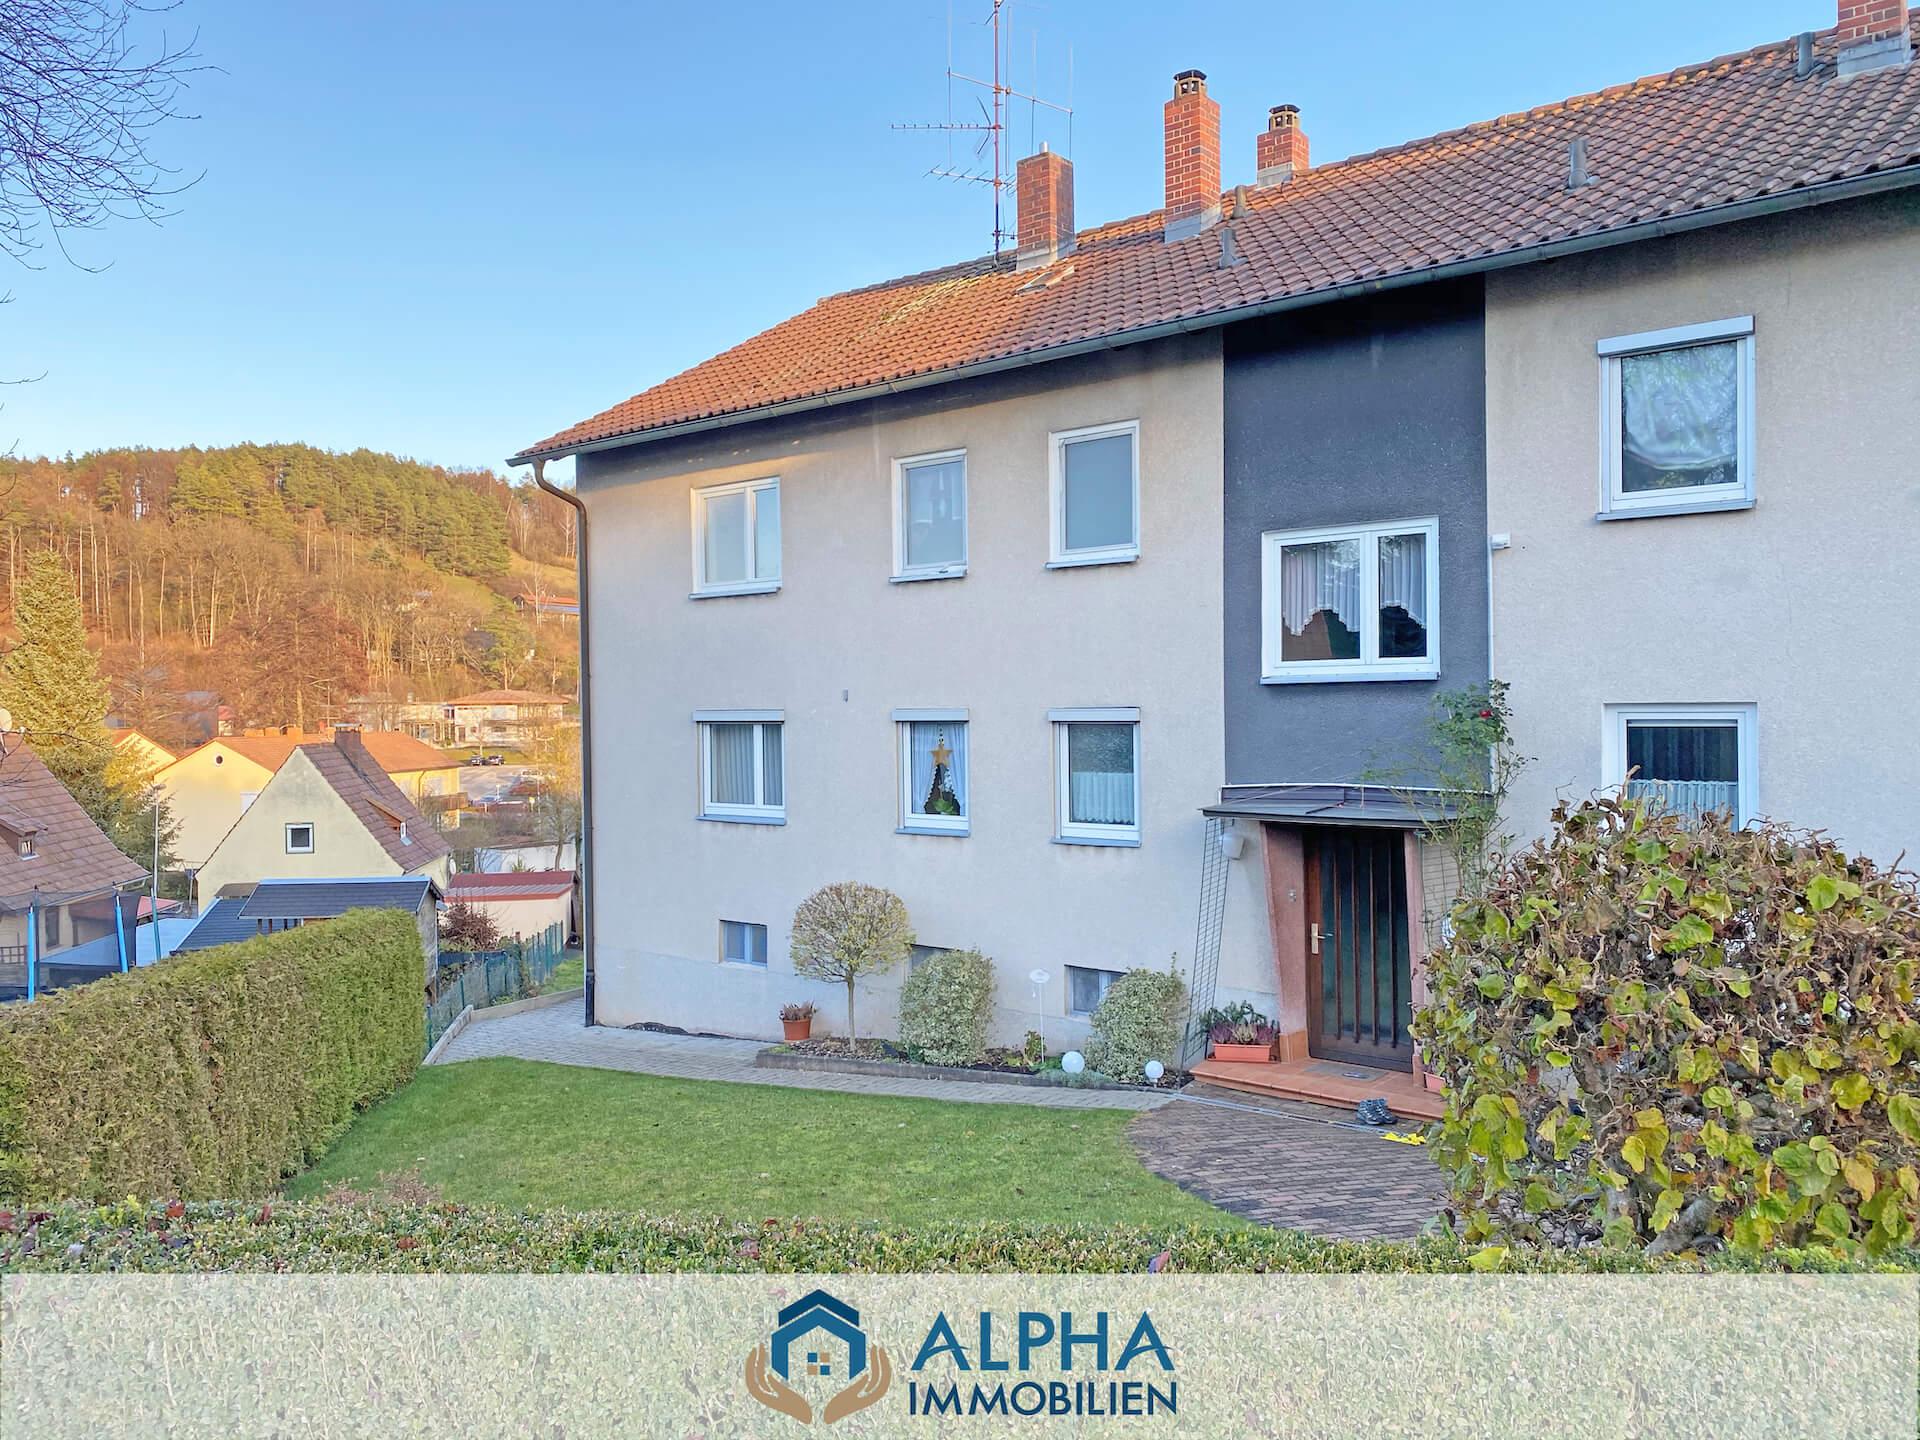 alpha-immobilien-20-8-39